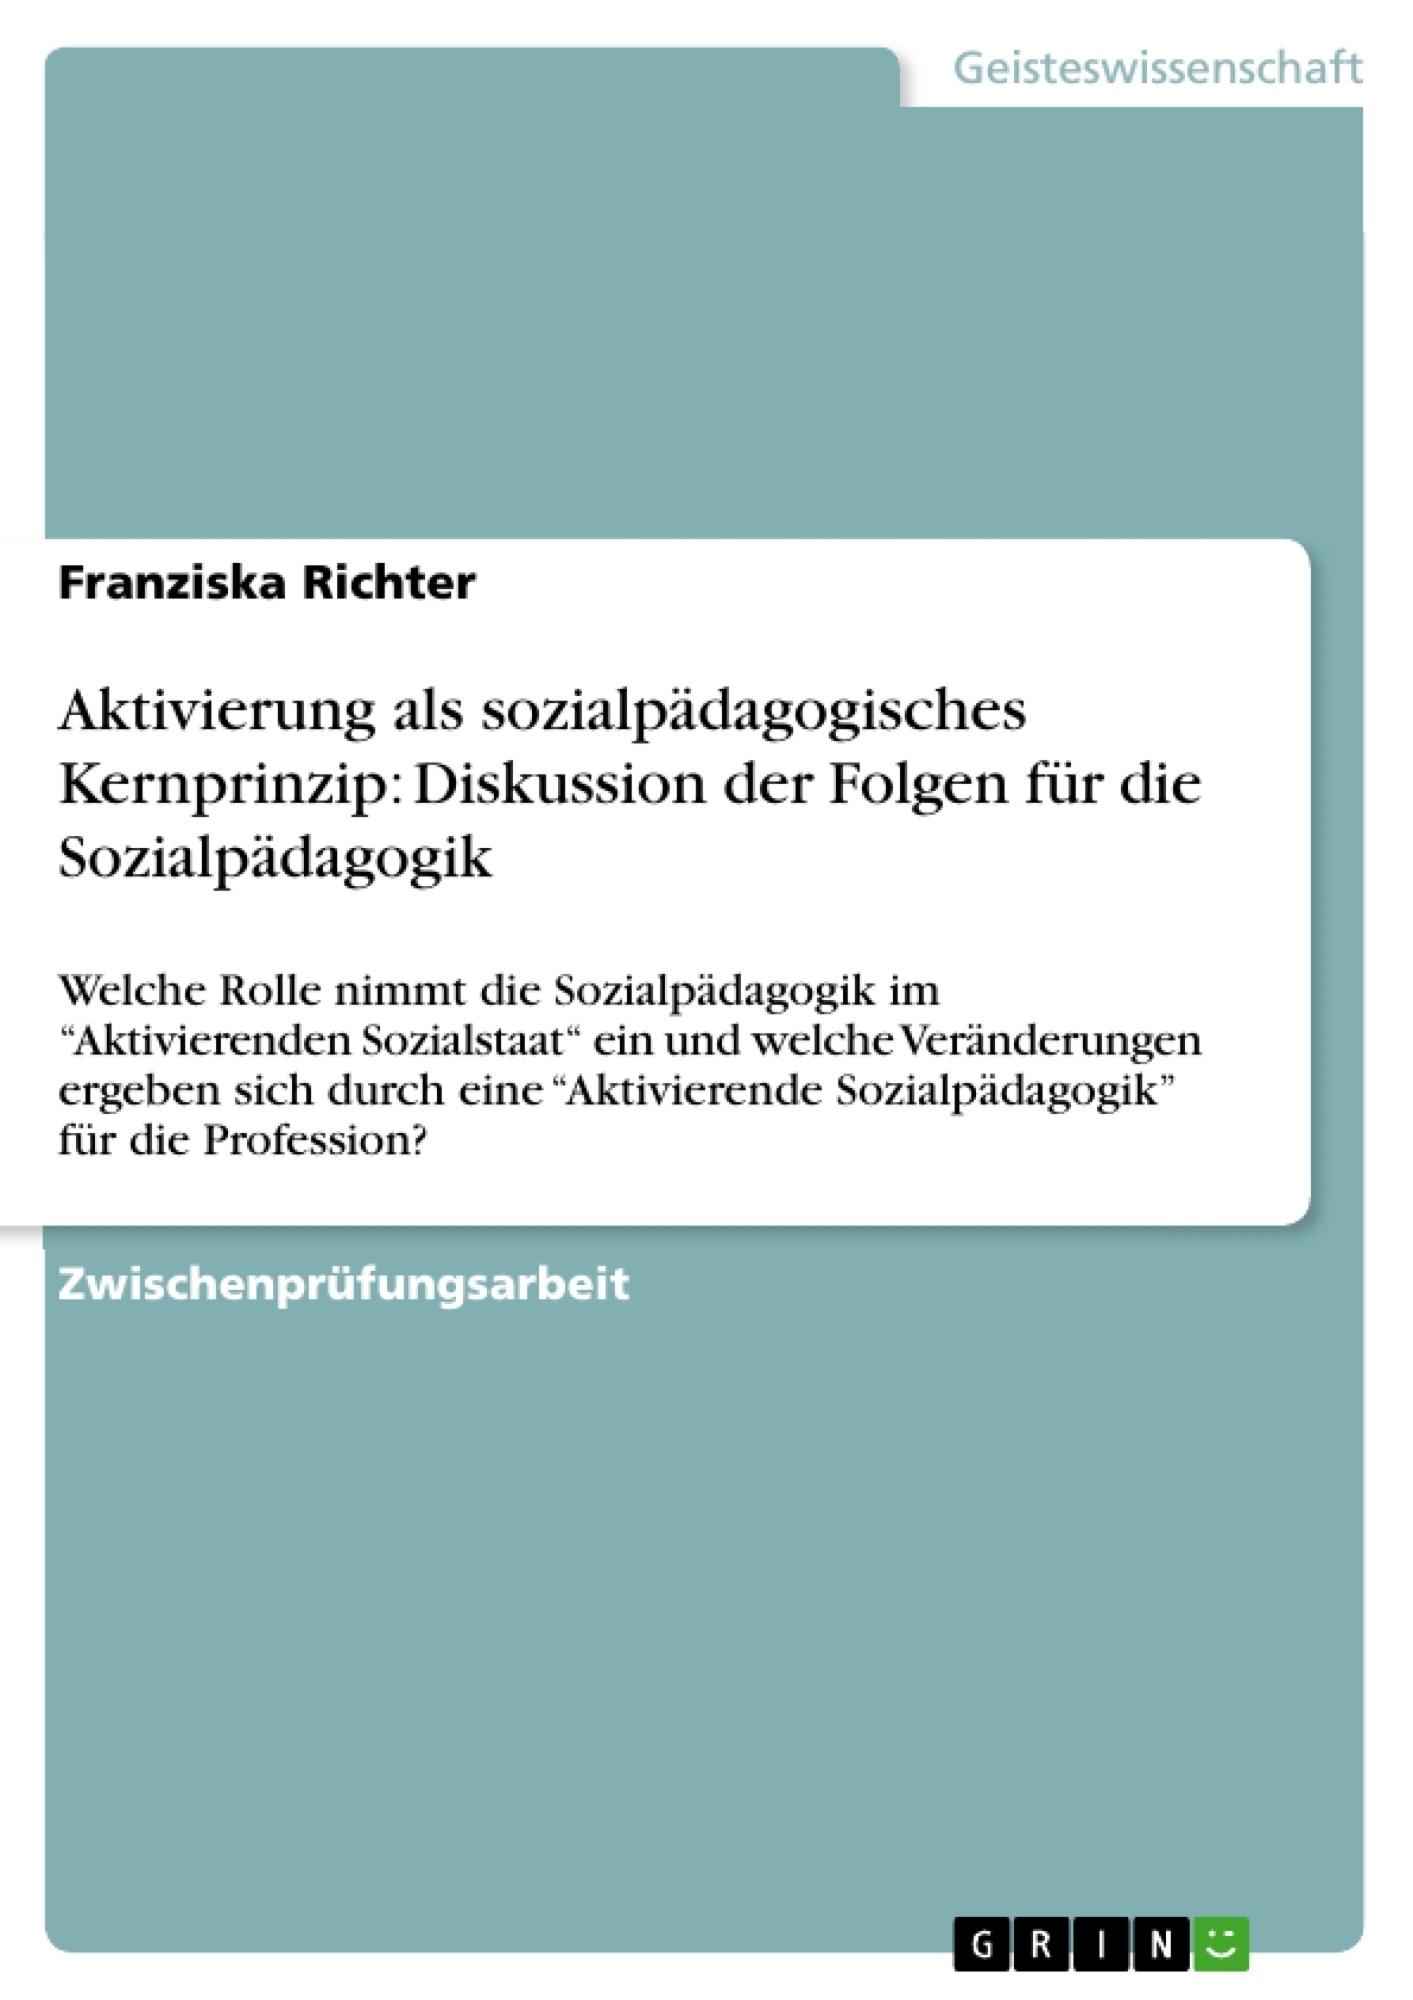 Titel: Aktivierung als sozialpädagogisches Kernprinzip: Diskussion der Folgen für die Sozialpädagogik